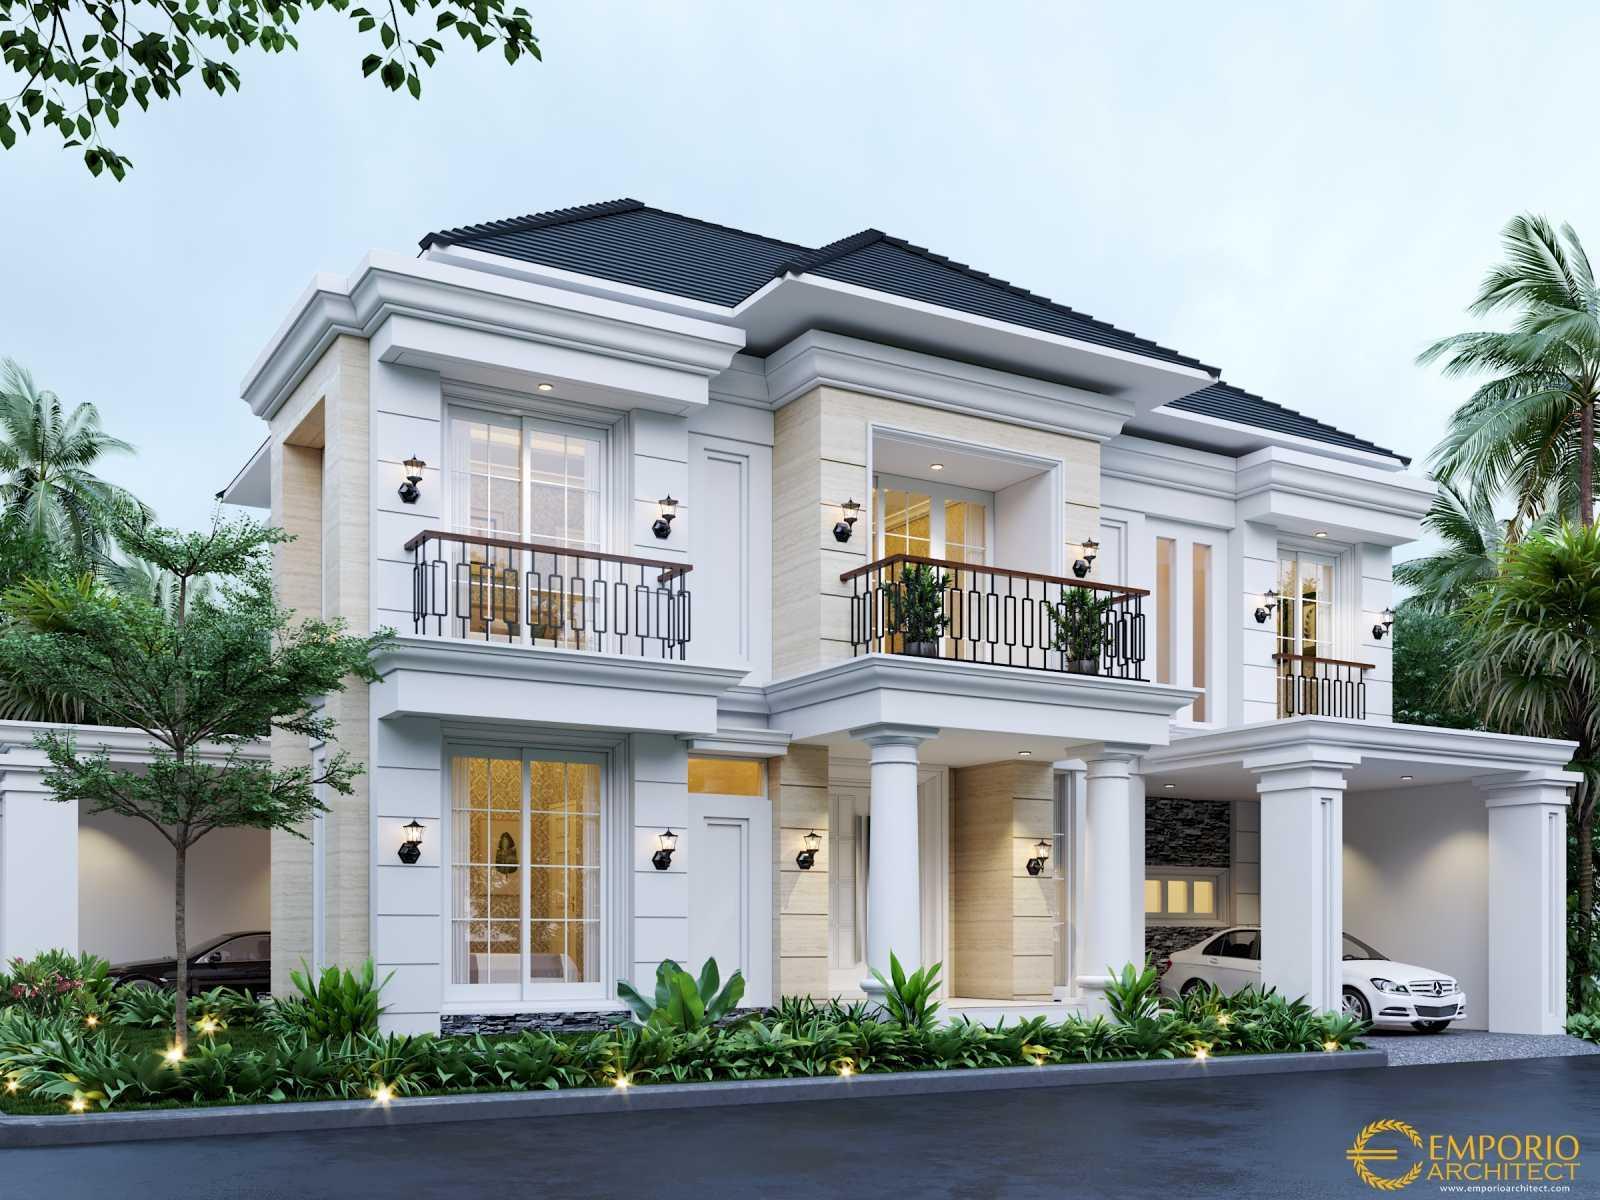 Jasa Arsitek Emporio Architect di Indonesia